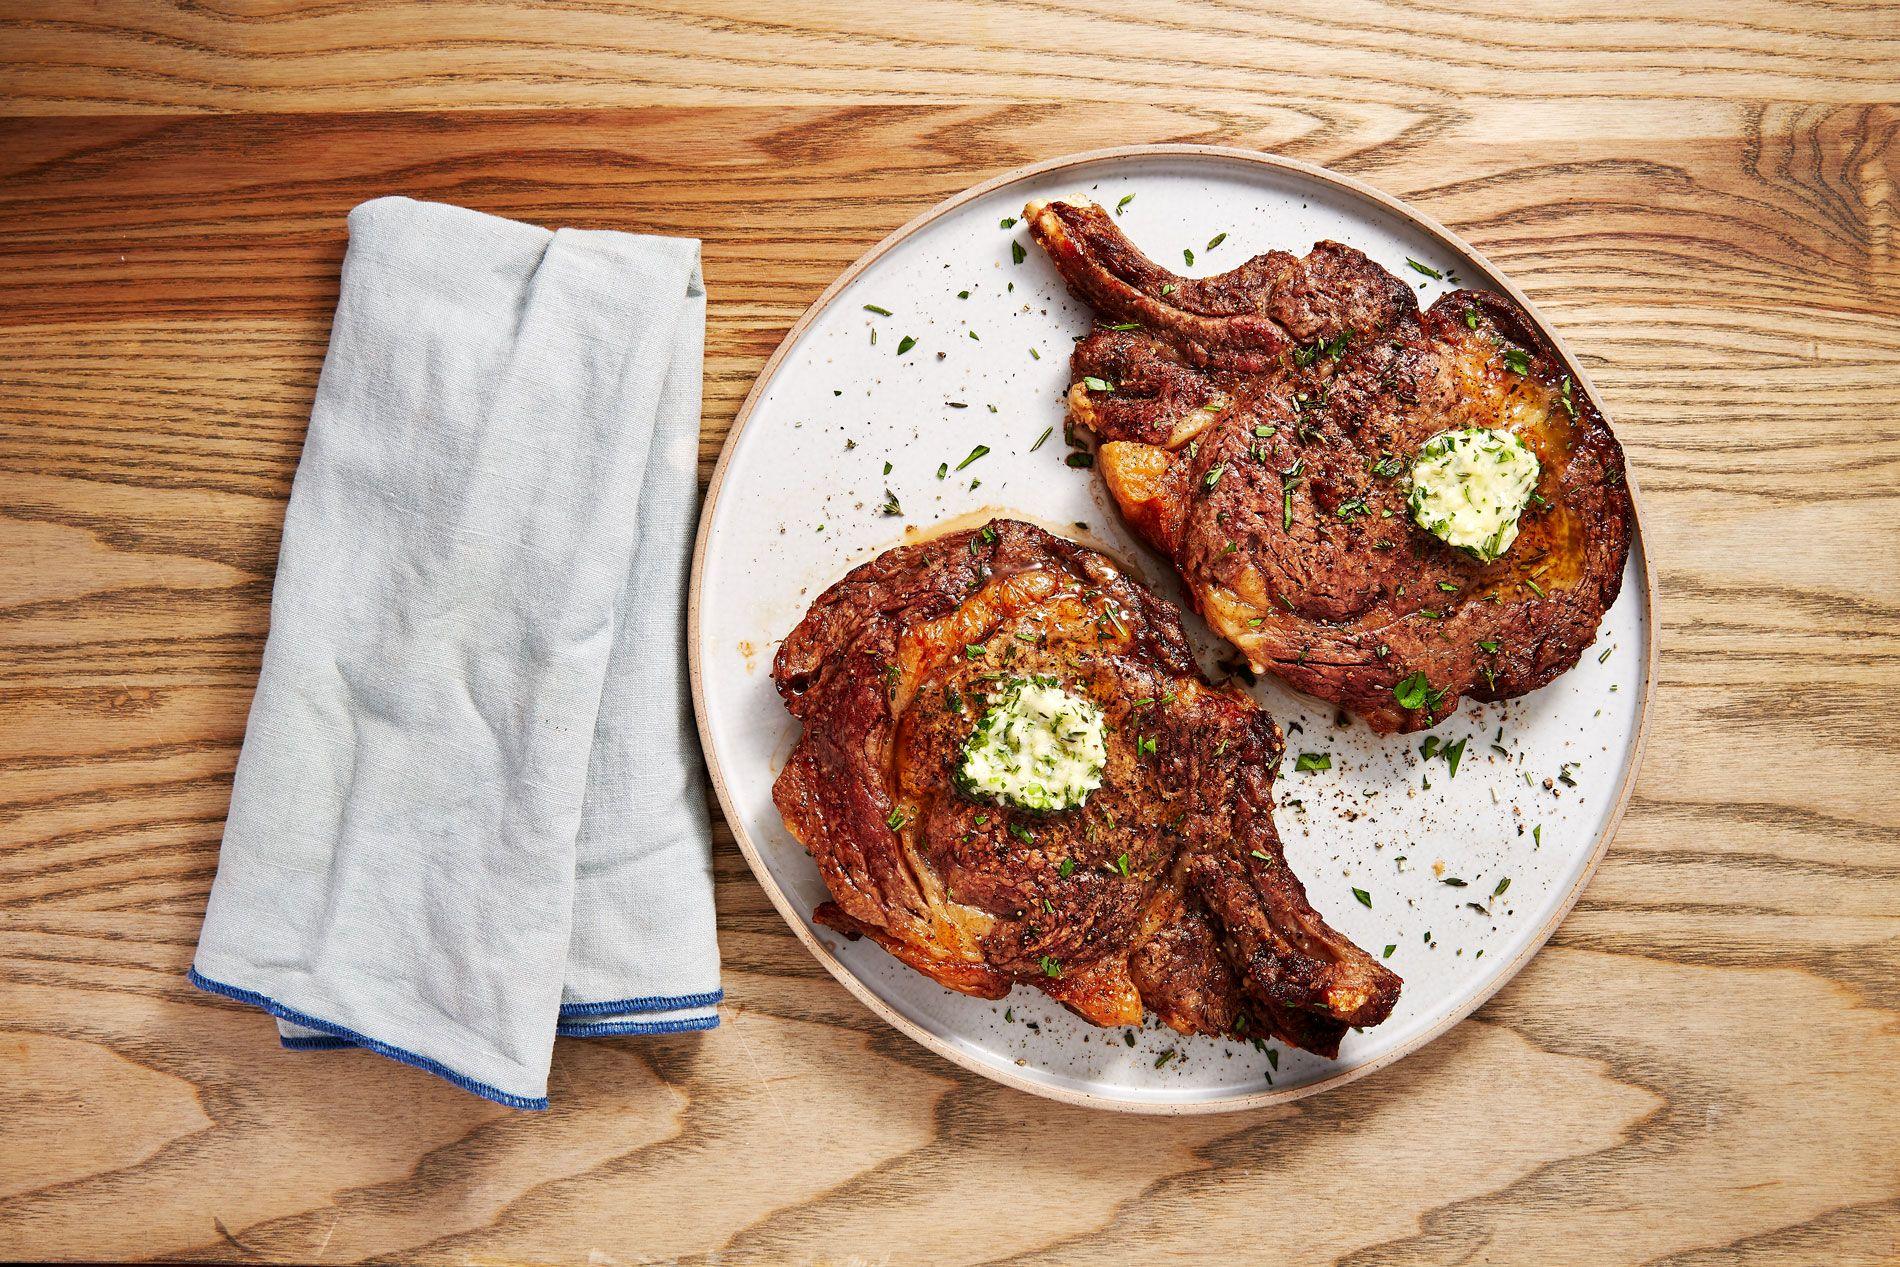 Best Air Fryer Steak Recipe How To Make Air Fryer Steak